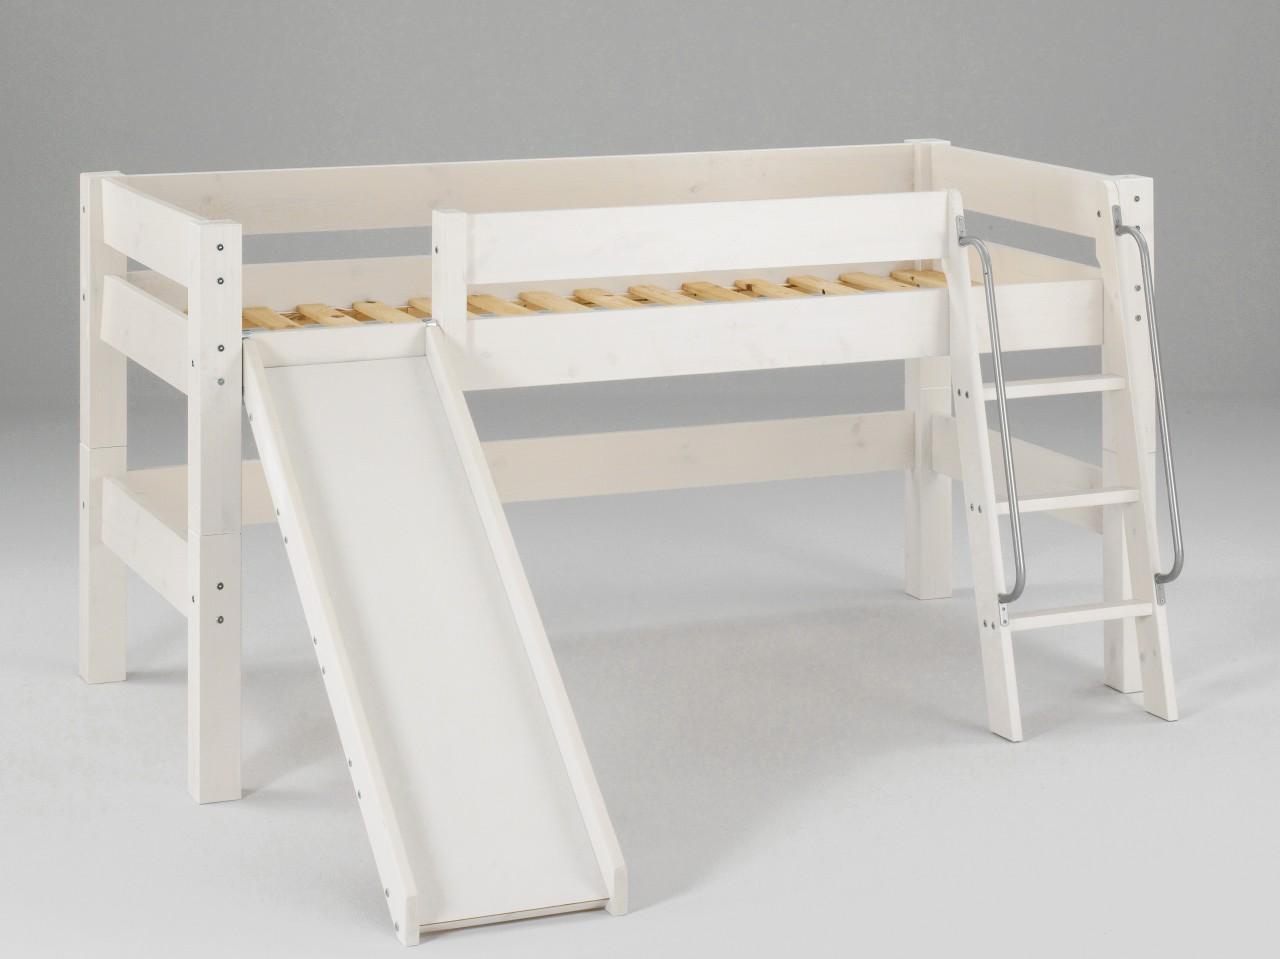 Full Size of Kinder Bett Halbhohes Moby Kinderbett Mit Rutsche Kiefer Von Dolphin Modernes 180x200 Schlafzimmer Betten 190x90 Jugendzimmer Schubladen Einzelbett 160x220 Bett Kinder Bett